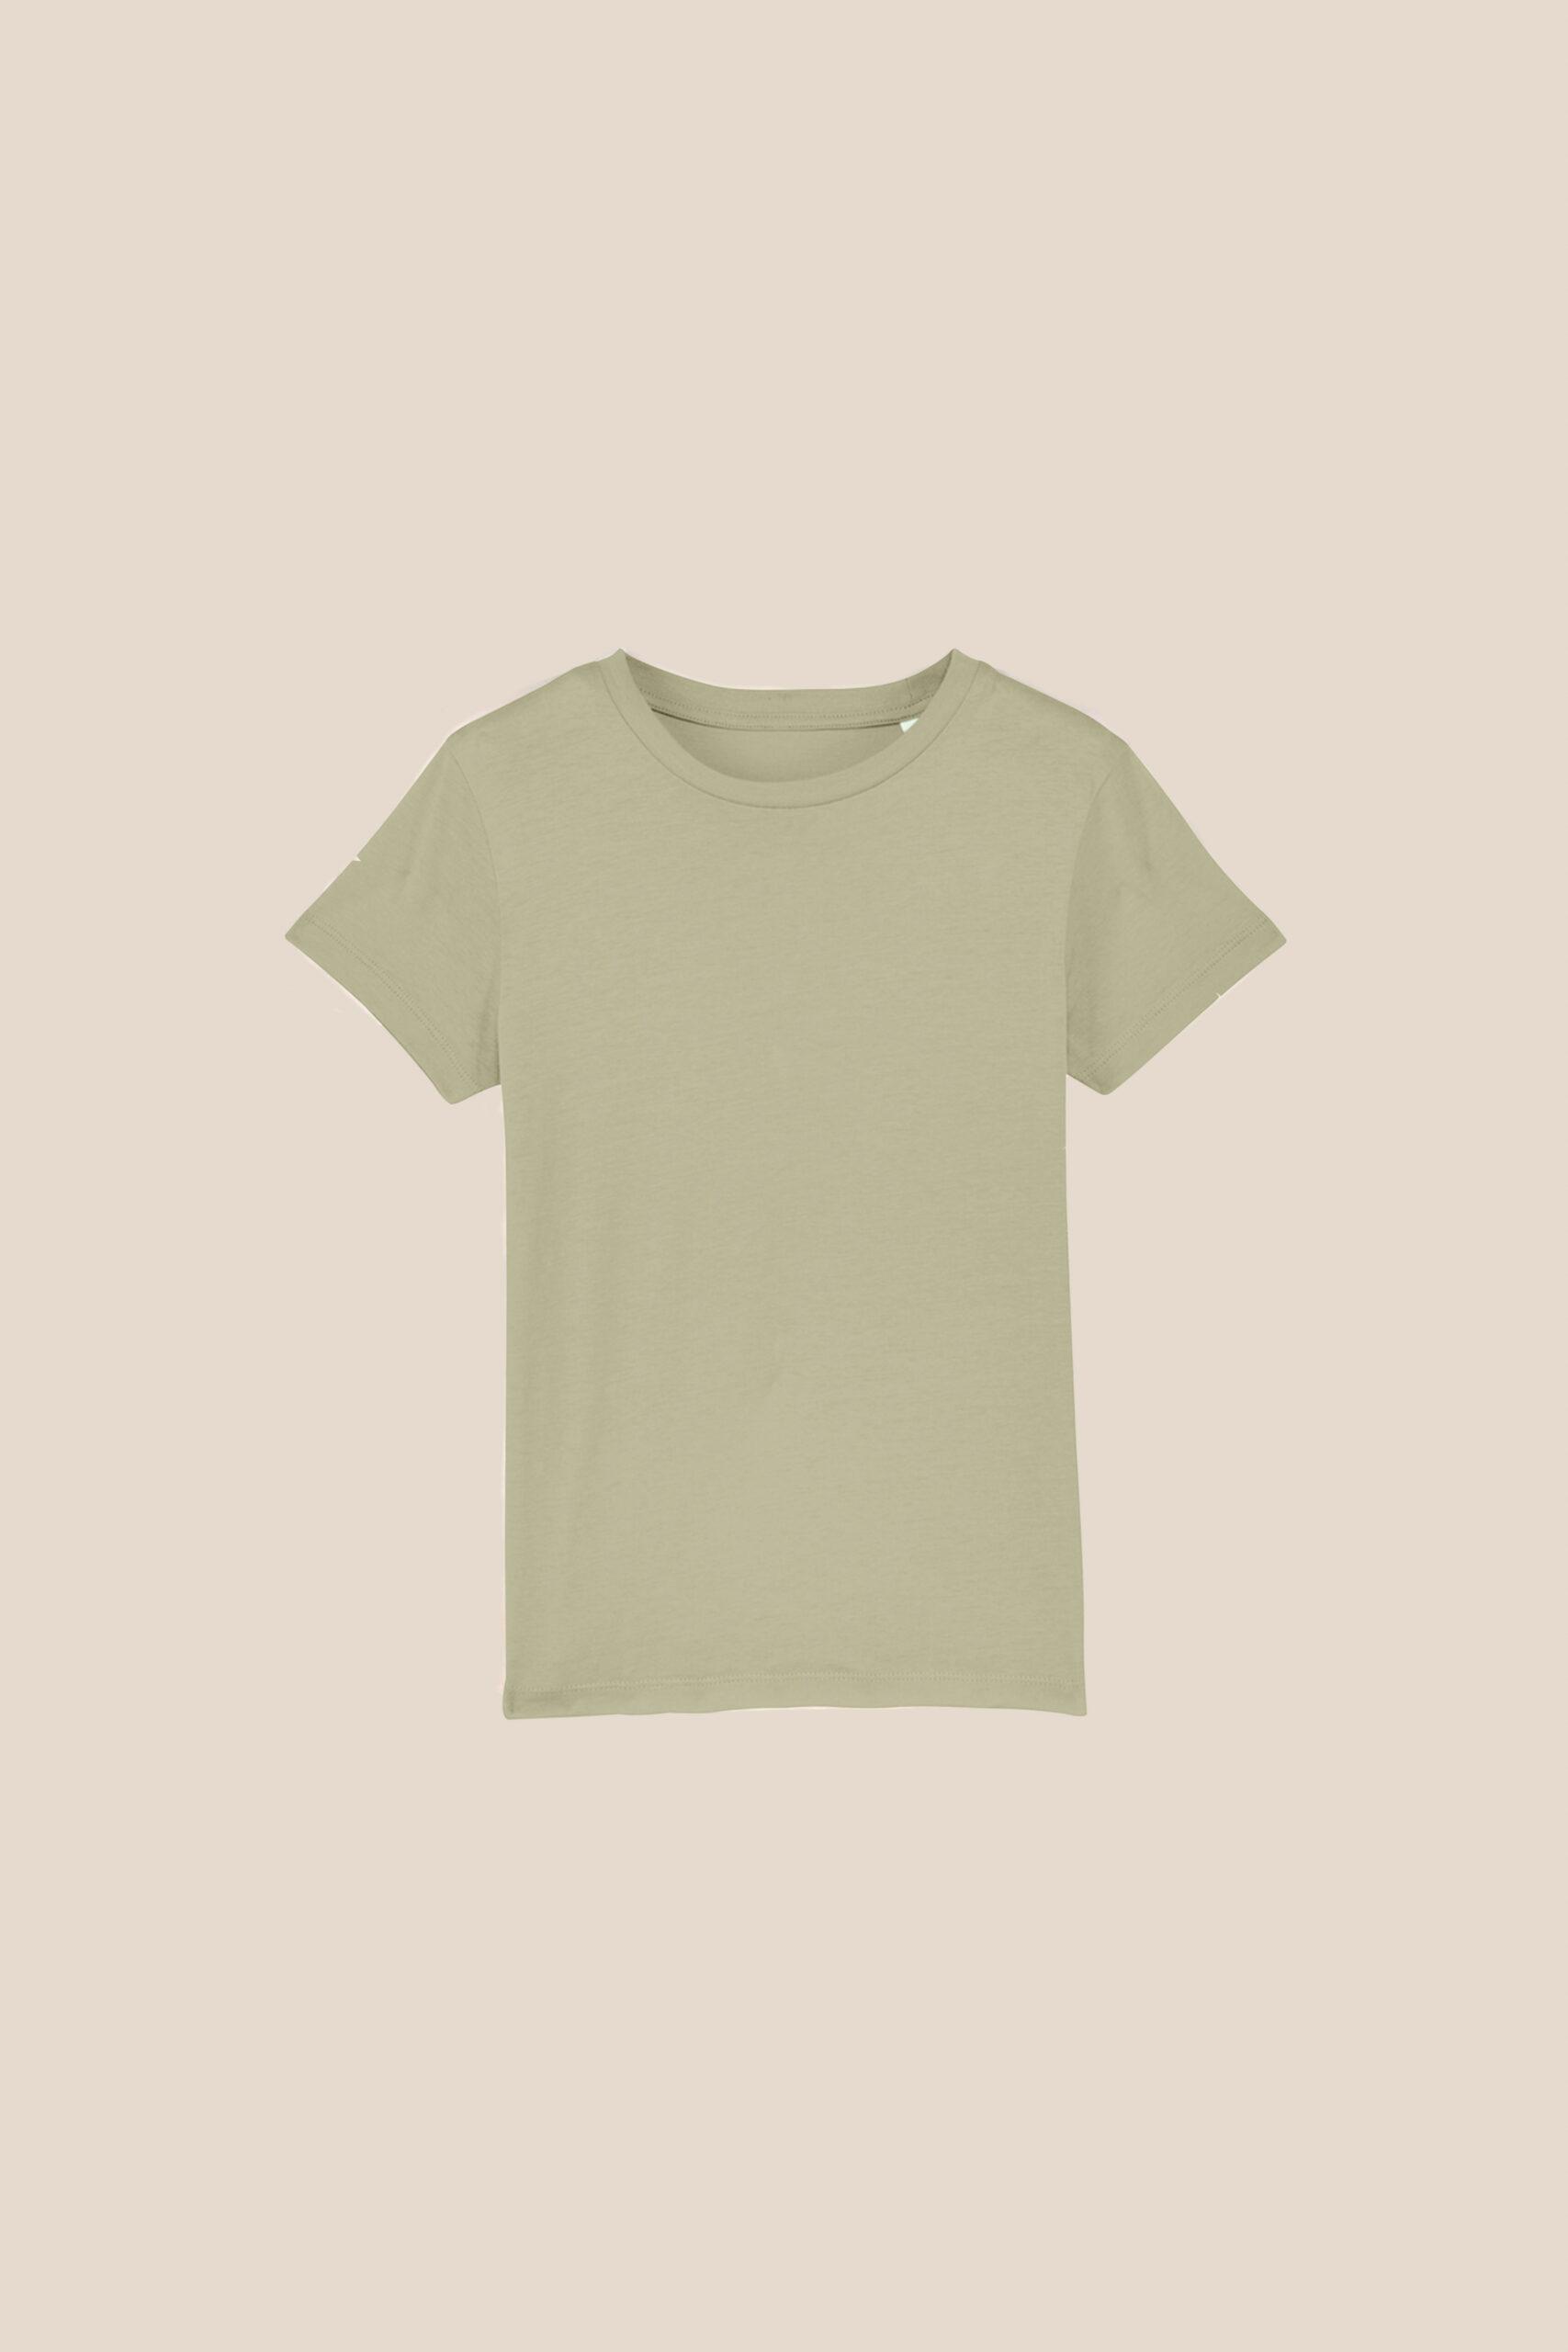 T-shirt Mini Patch enfant vert à customiser